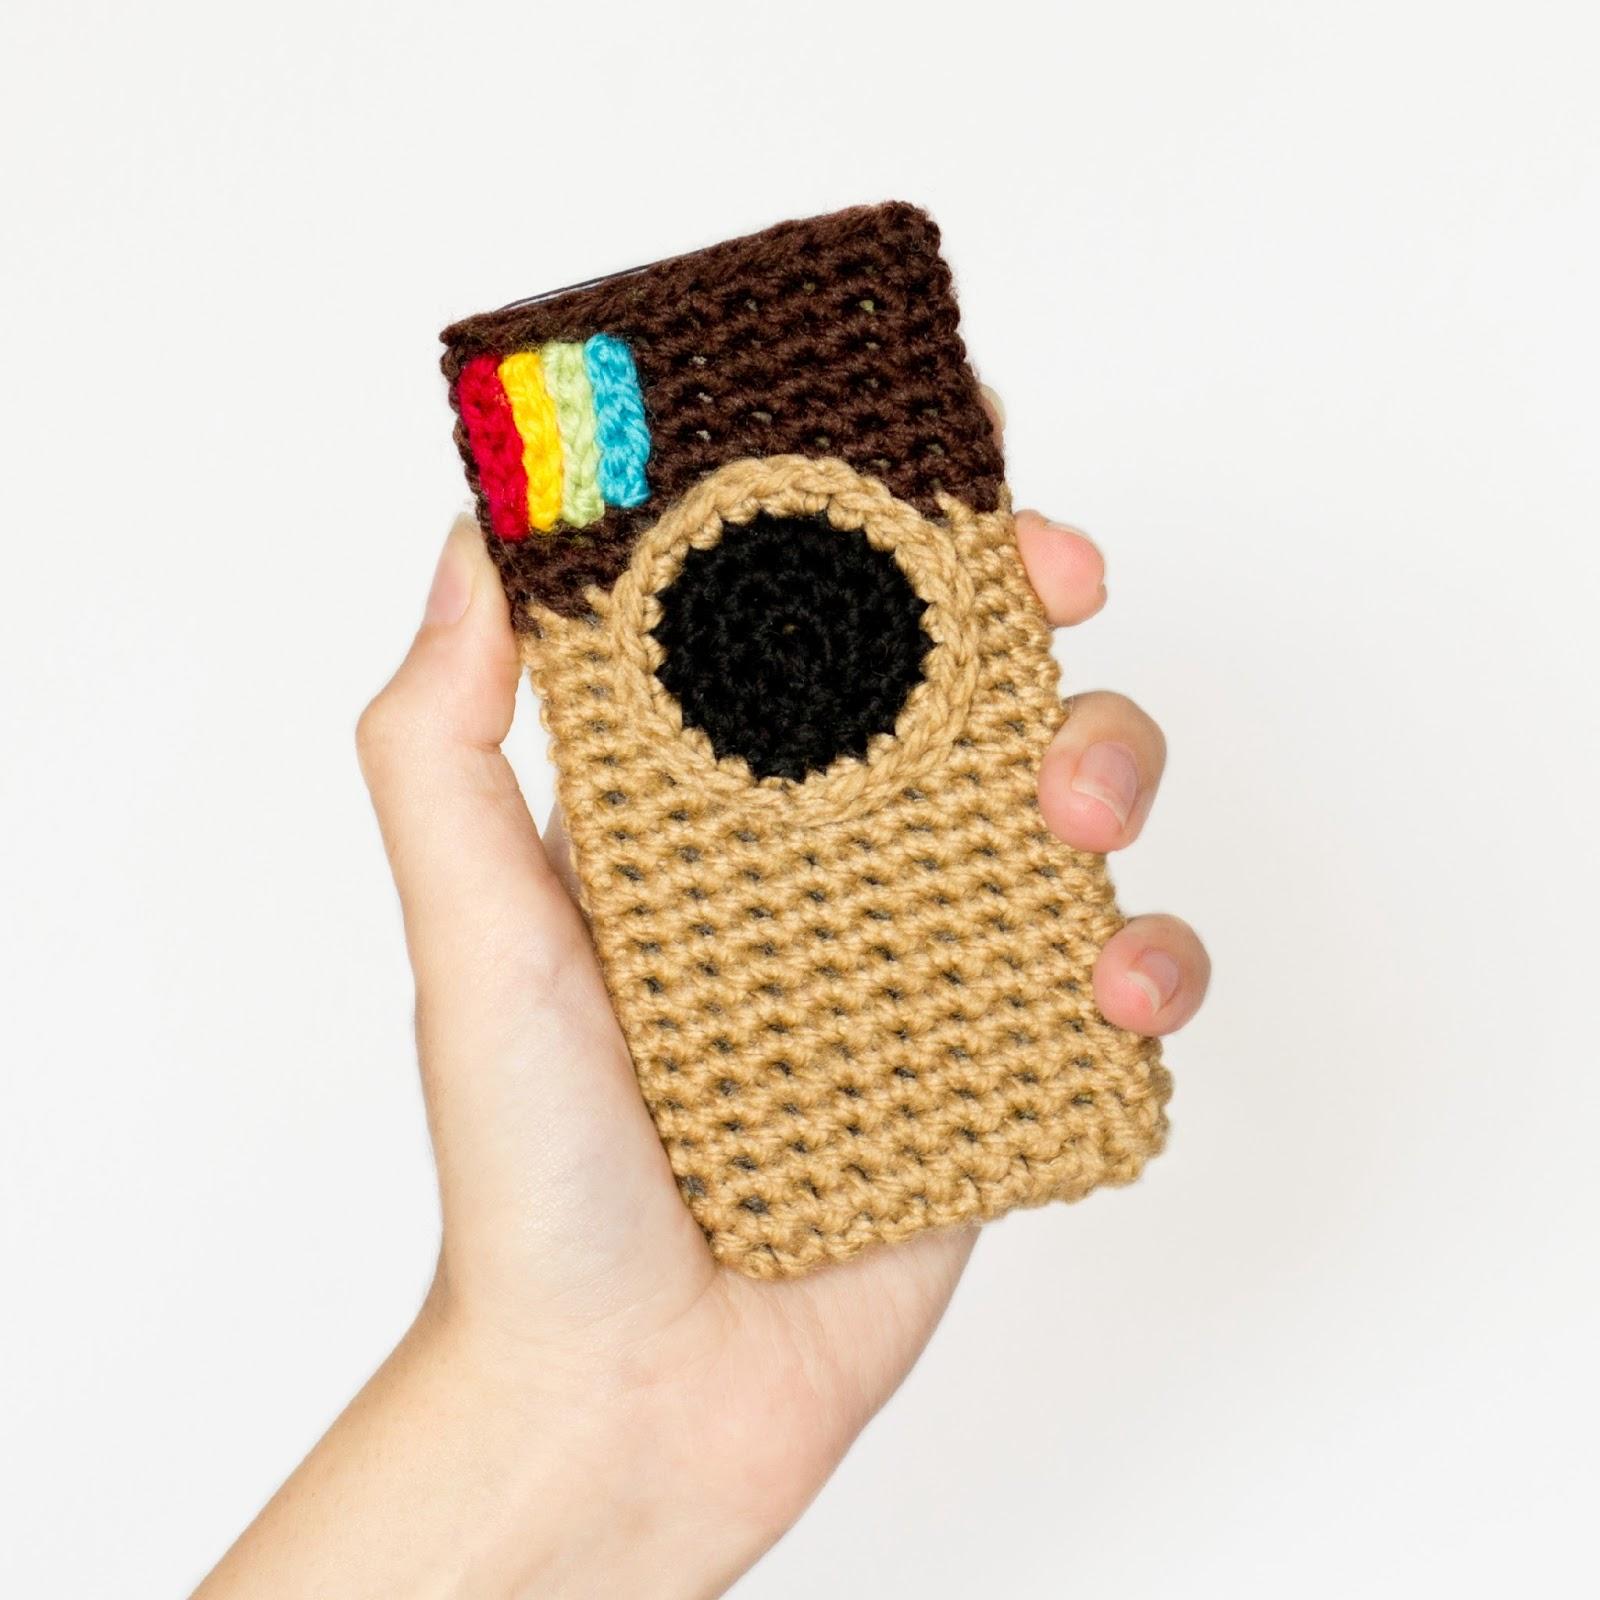 Free Crochet Pattern Phone Case : Hopeful Honey Craft, Crochet, Create: Instagram Inspired ...